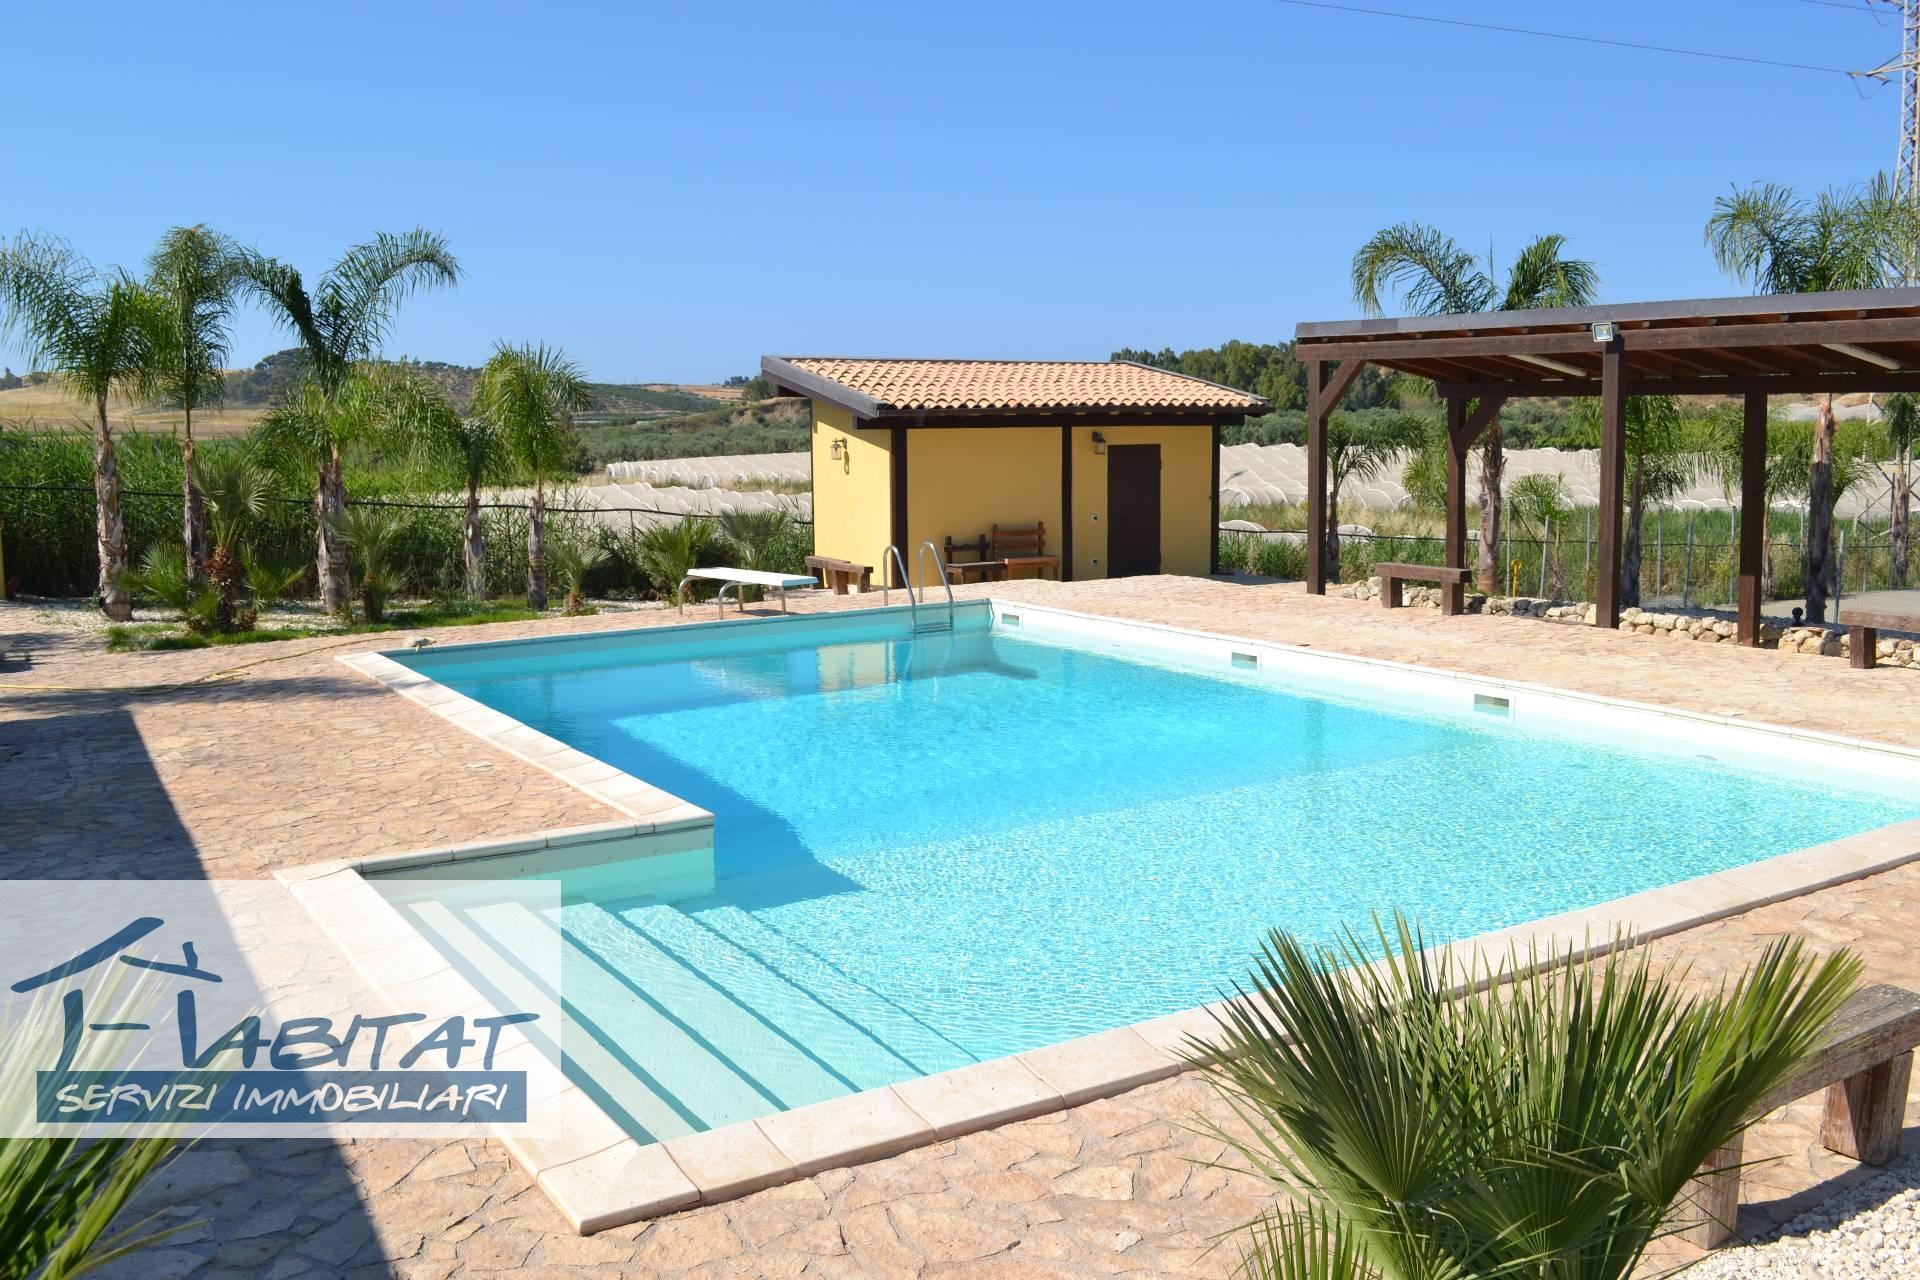 Rustico / Casale in affitto a Agrigento, 3 locali, zona Località: VillaggioMosè, prezzo € 270.000 | CambioCasa.it